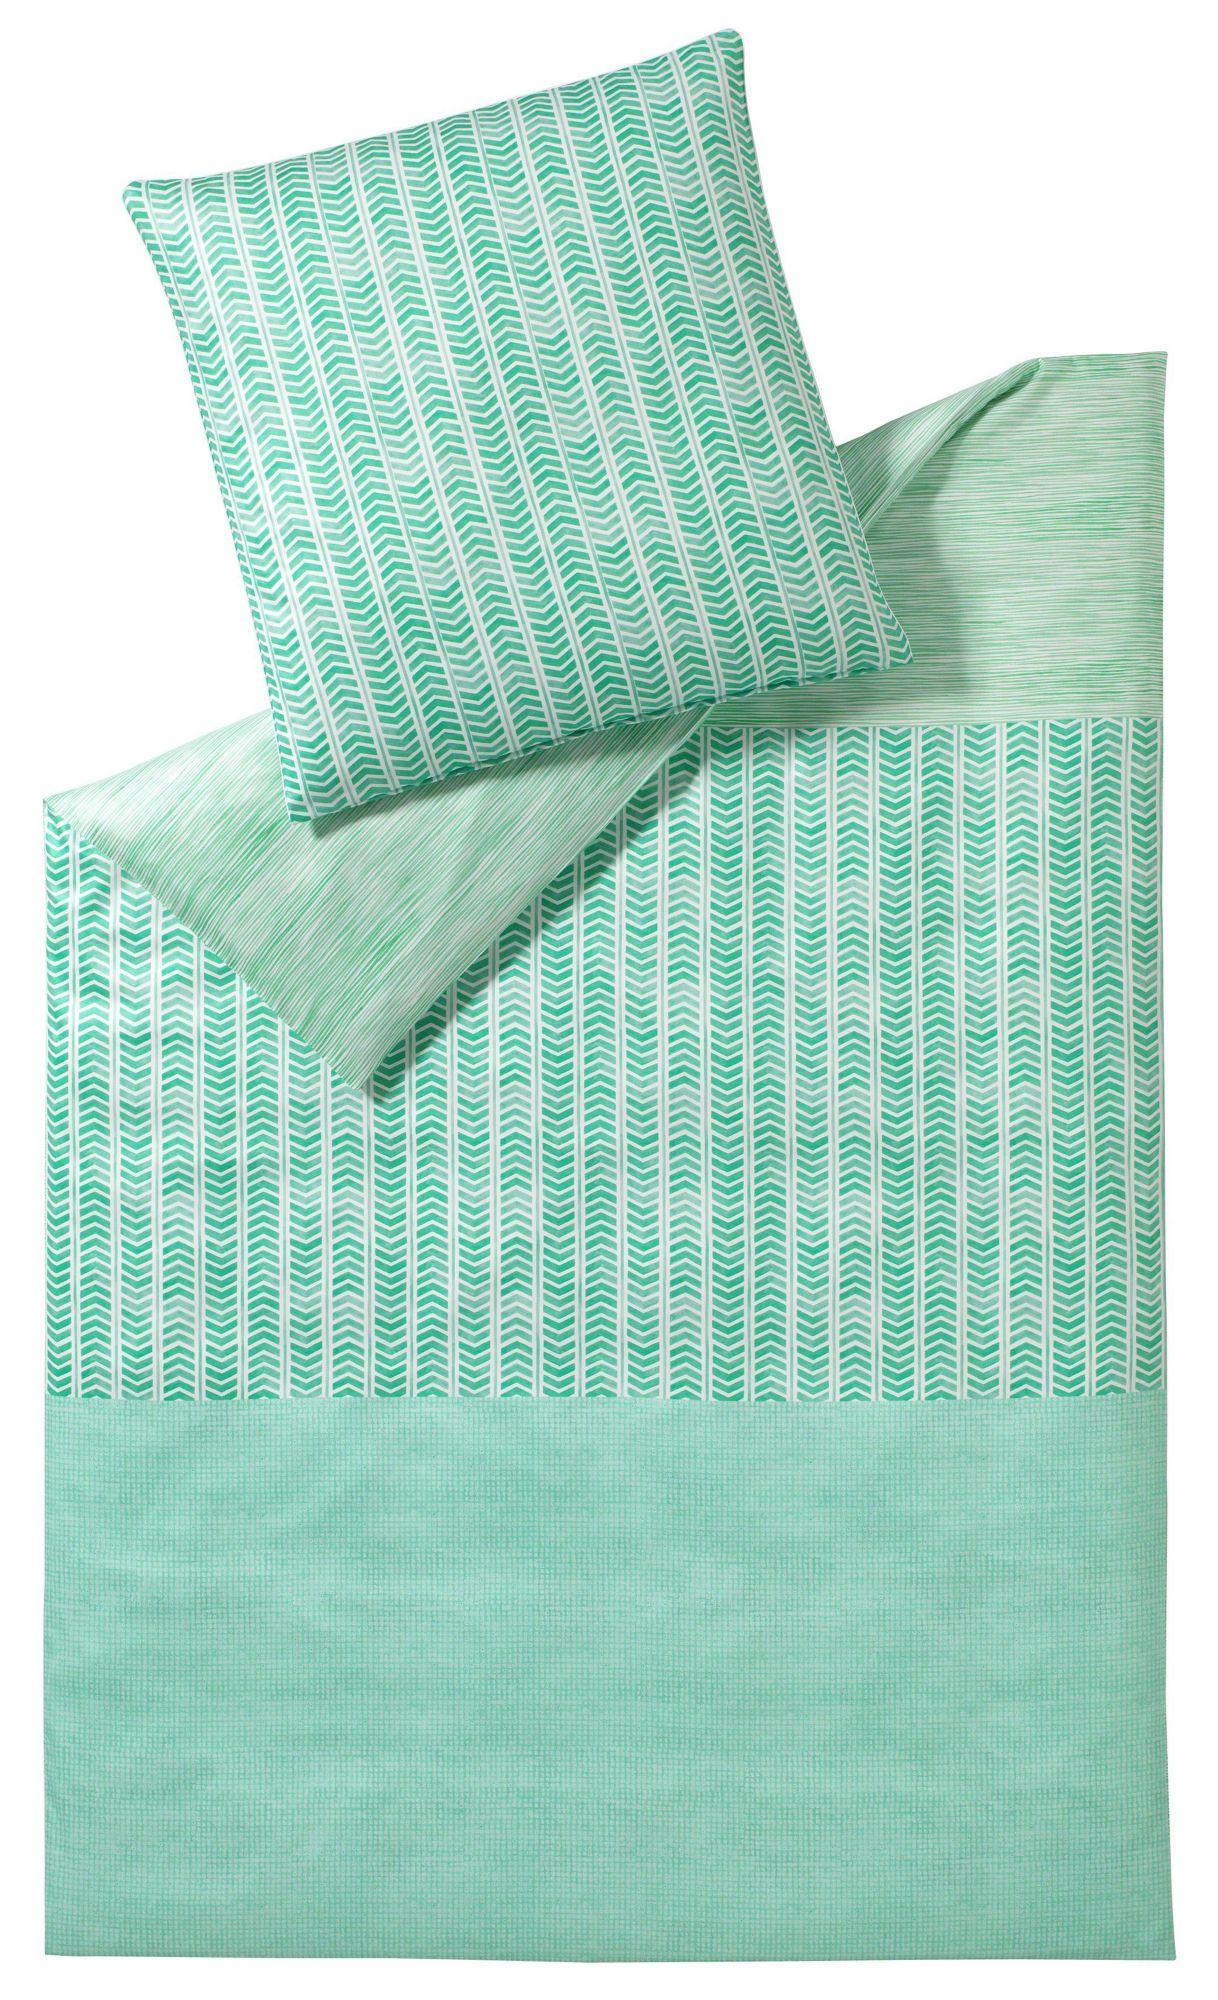 ELEGANTE Bettwäsche, elegante, »Pazifik«, mit unterschiedlichen Mustern